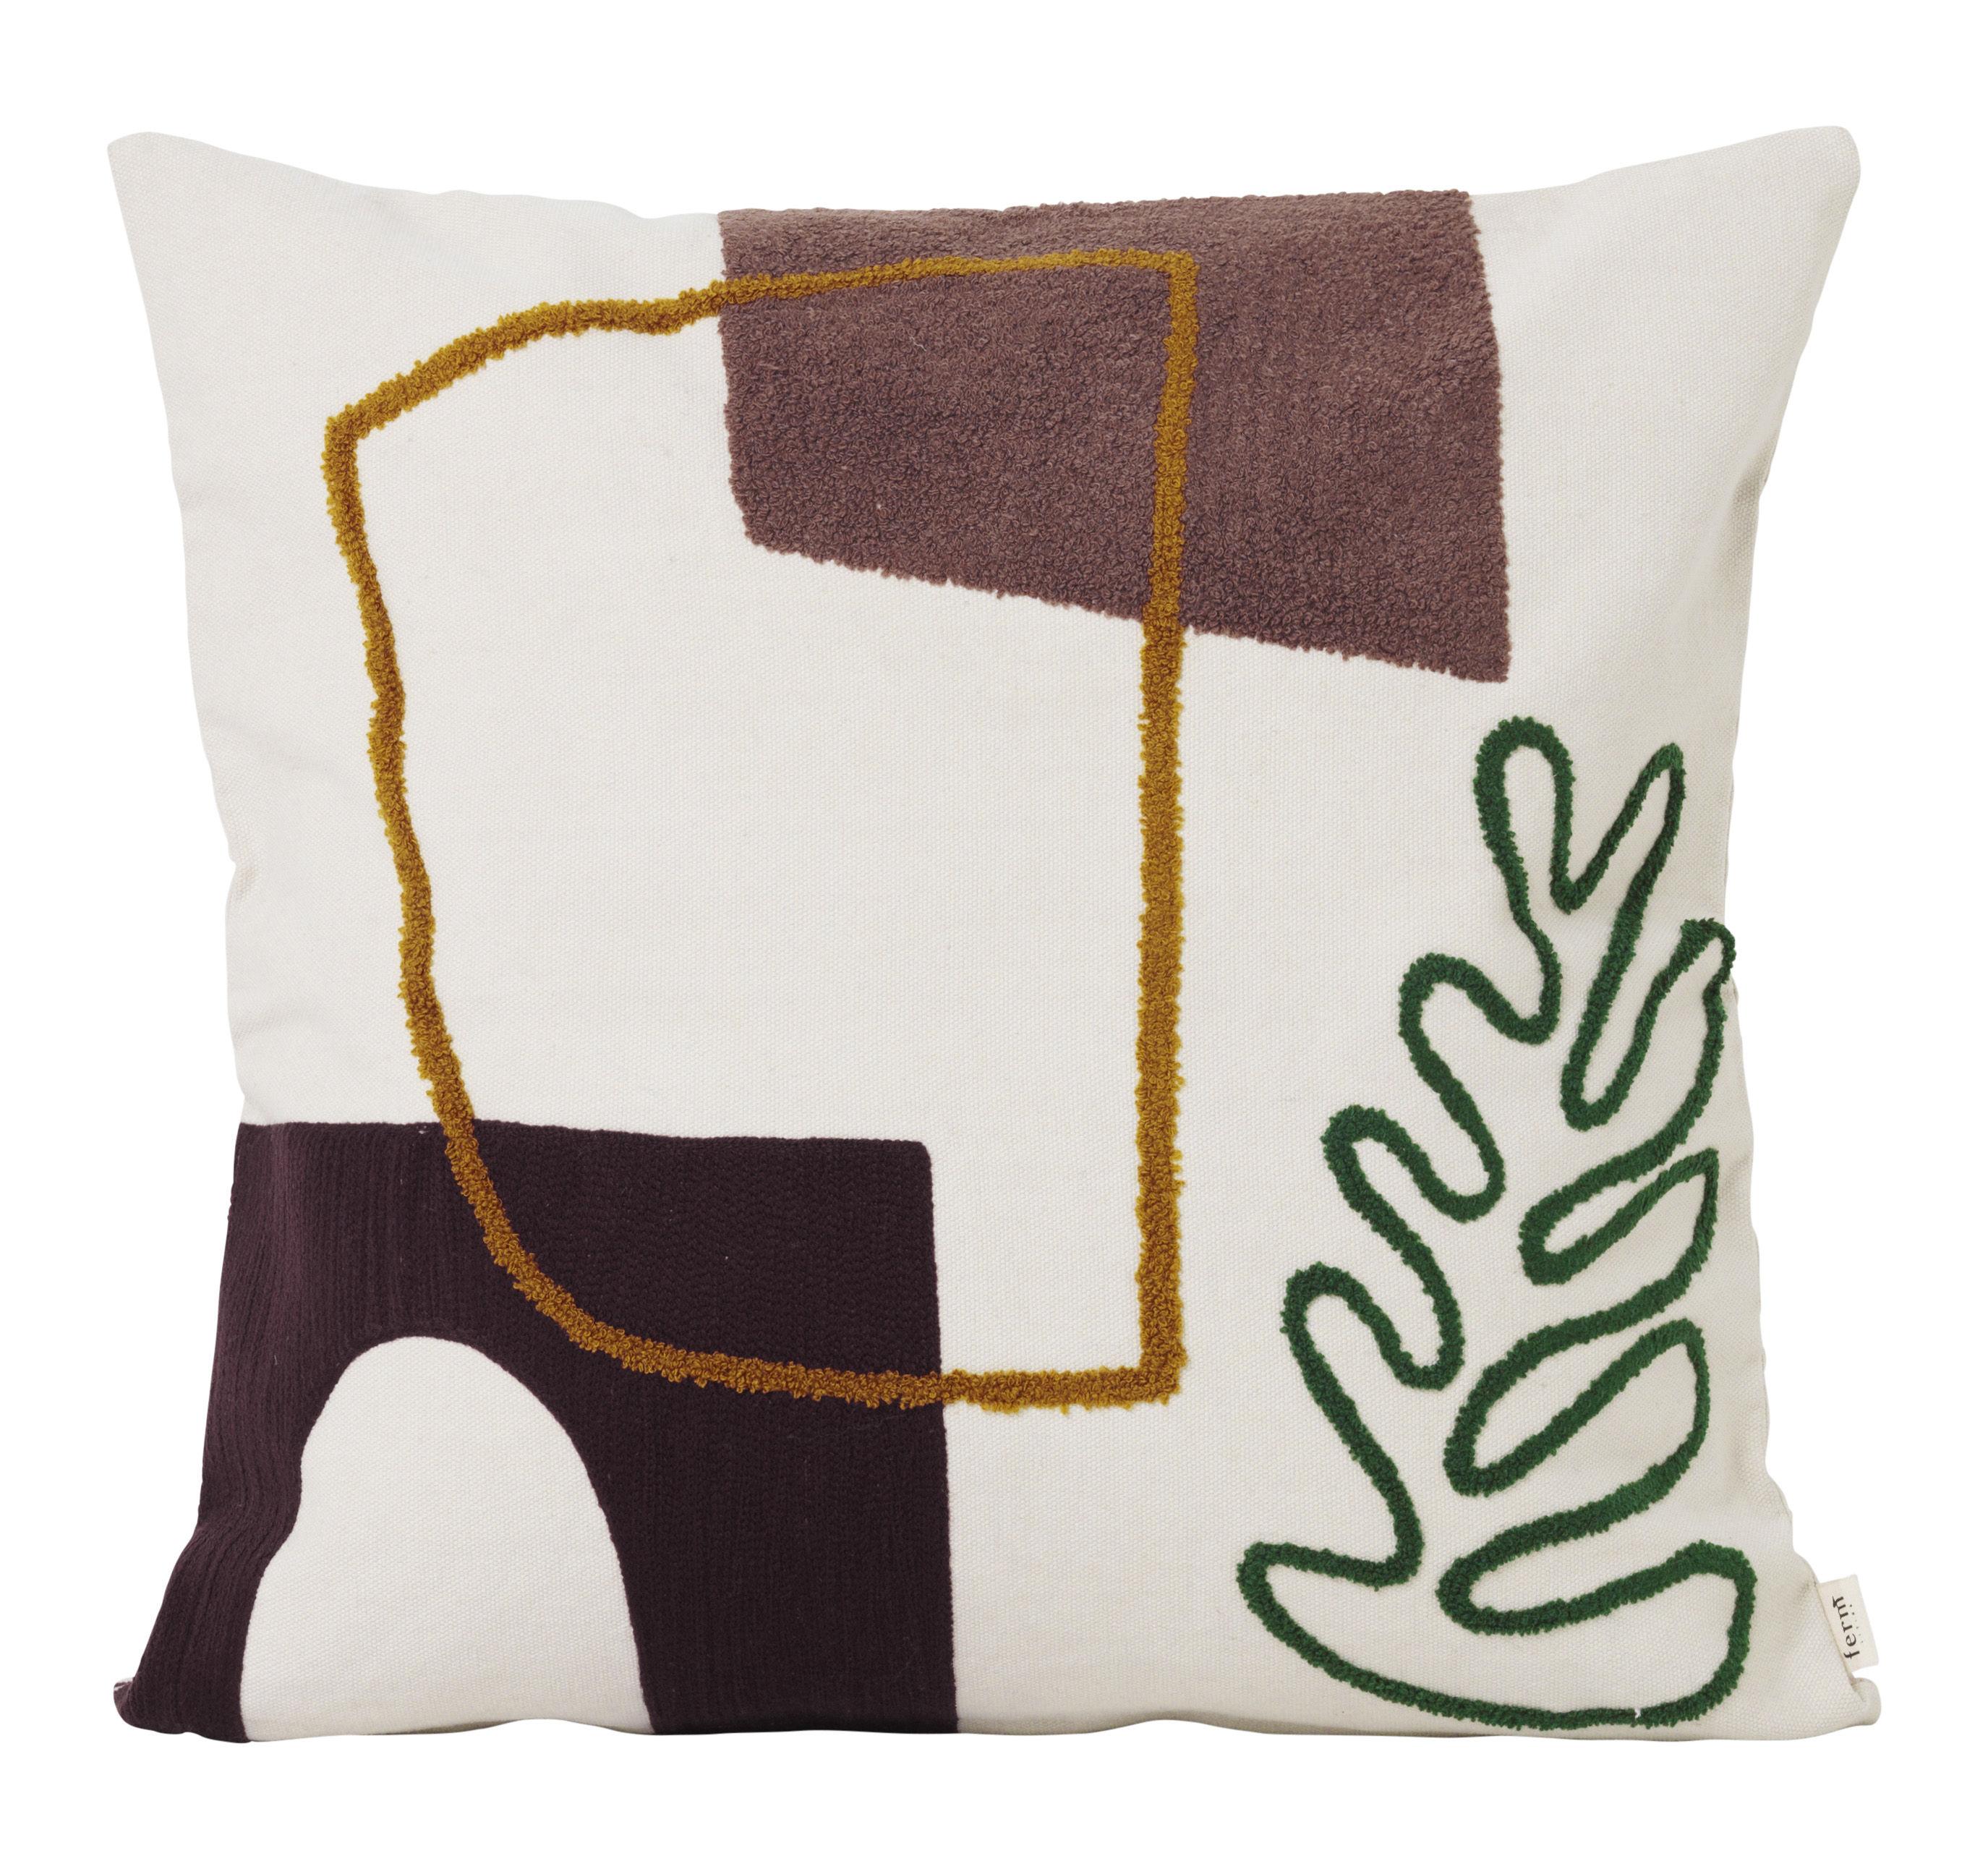 Déco - Coussins - Coussin Mirage / Brodé - 50 x 50 cm - Ferm Living - Multicolore -  Duvet,  Plumes, Coton